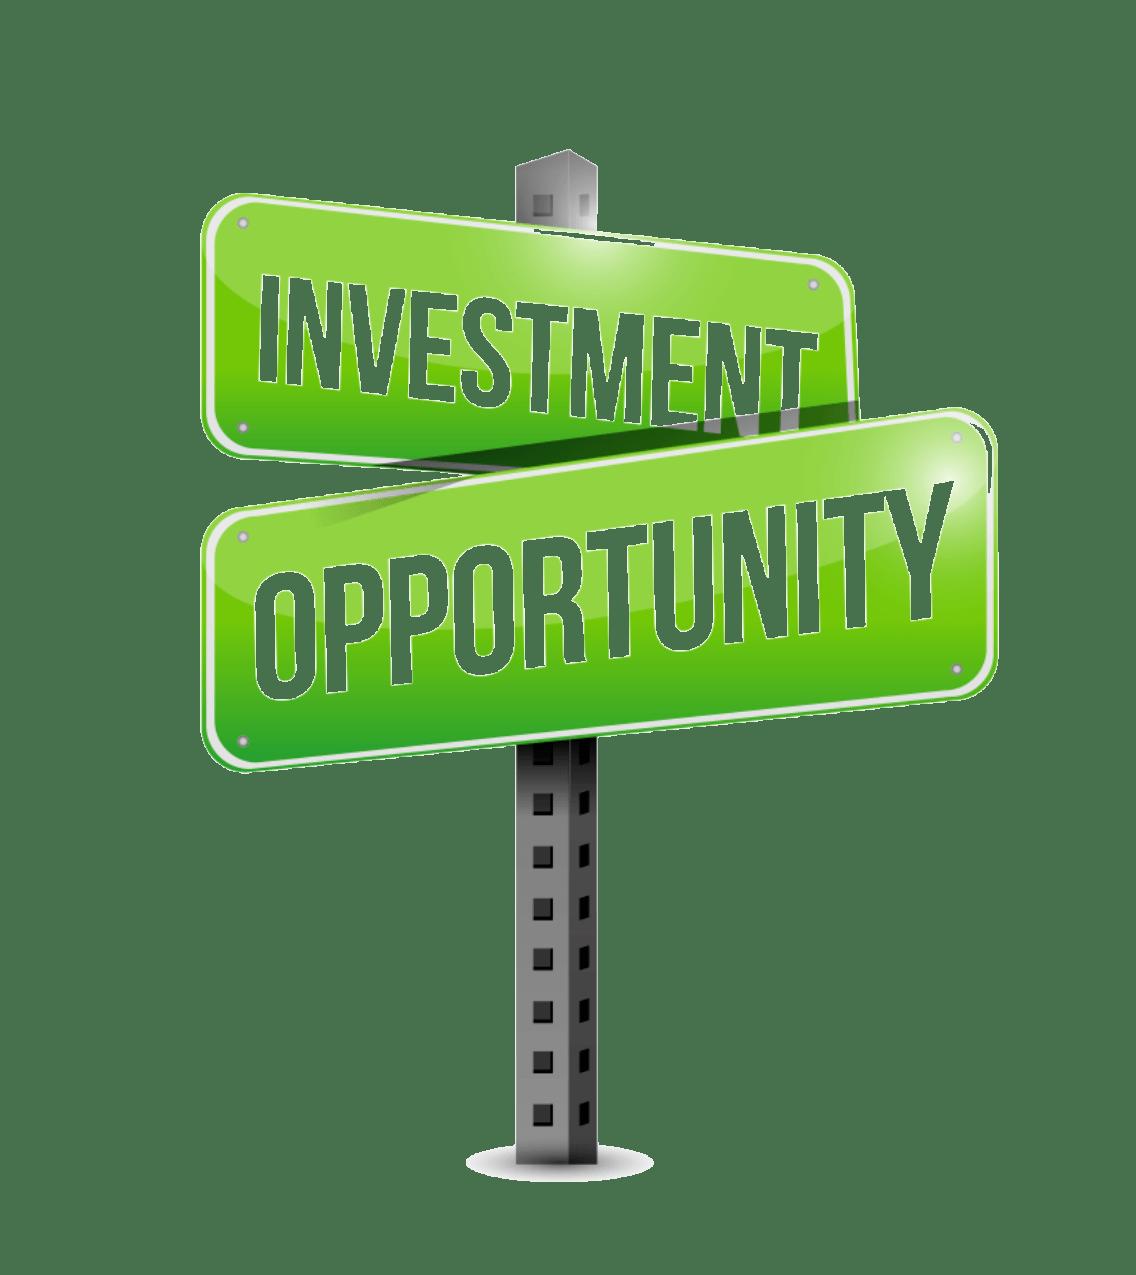 ISA deadline Investment opportunity